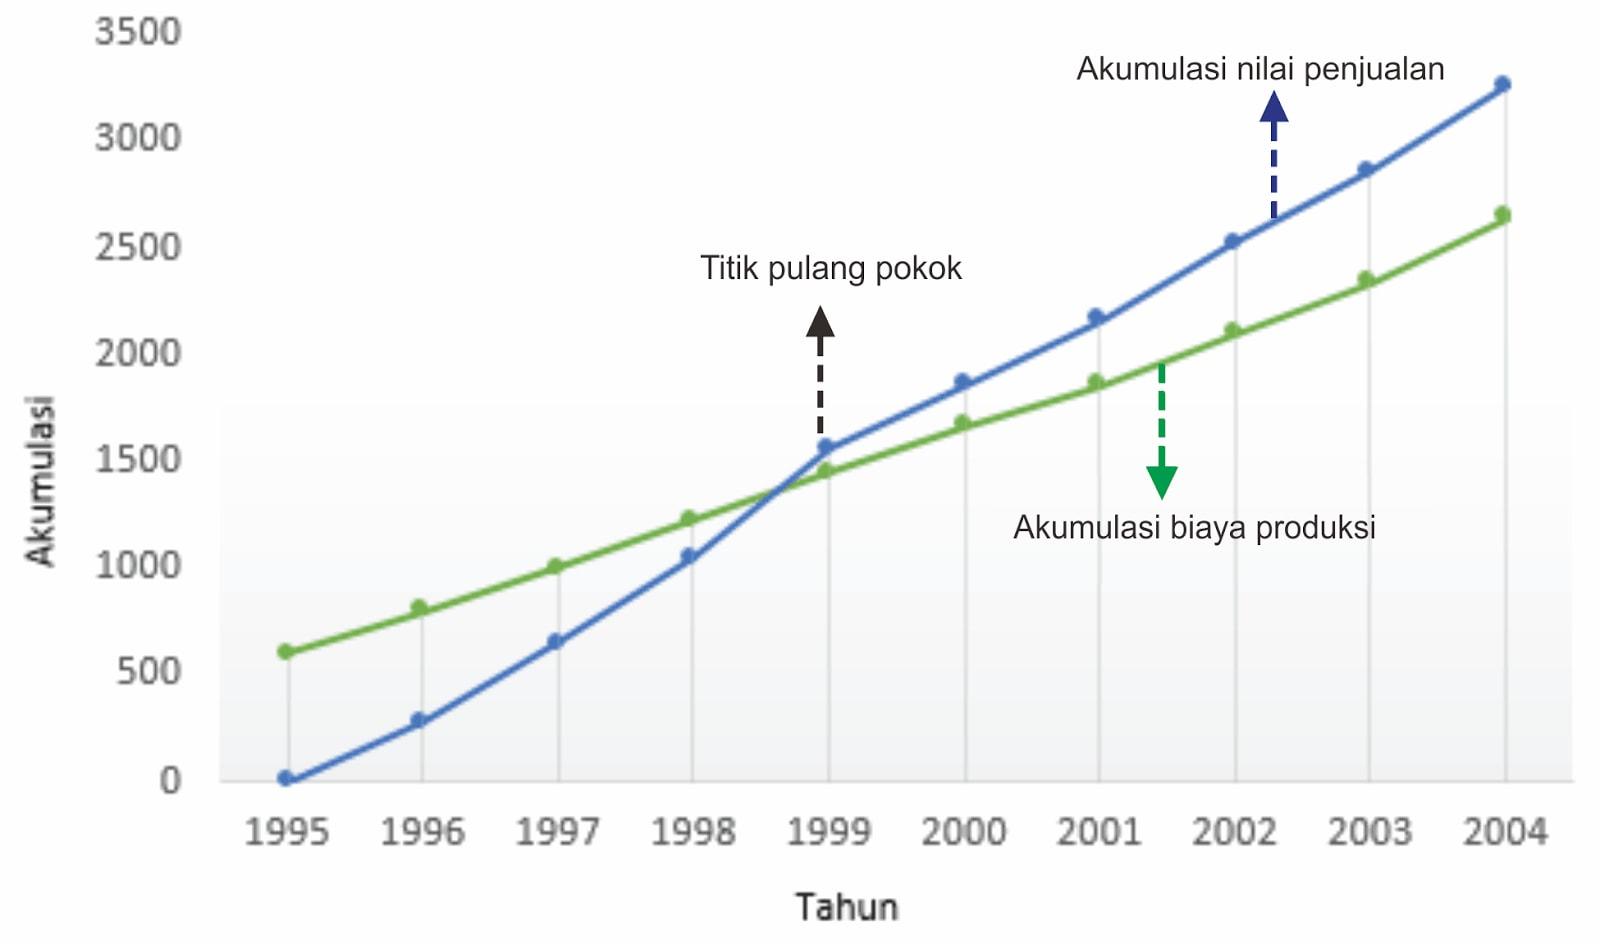 Penyajian Data Statistik dengan Diagram Garis